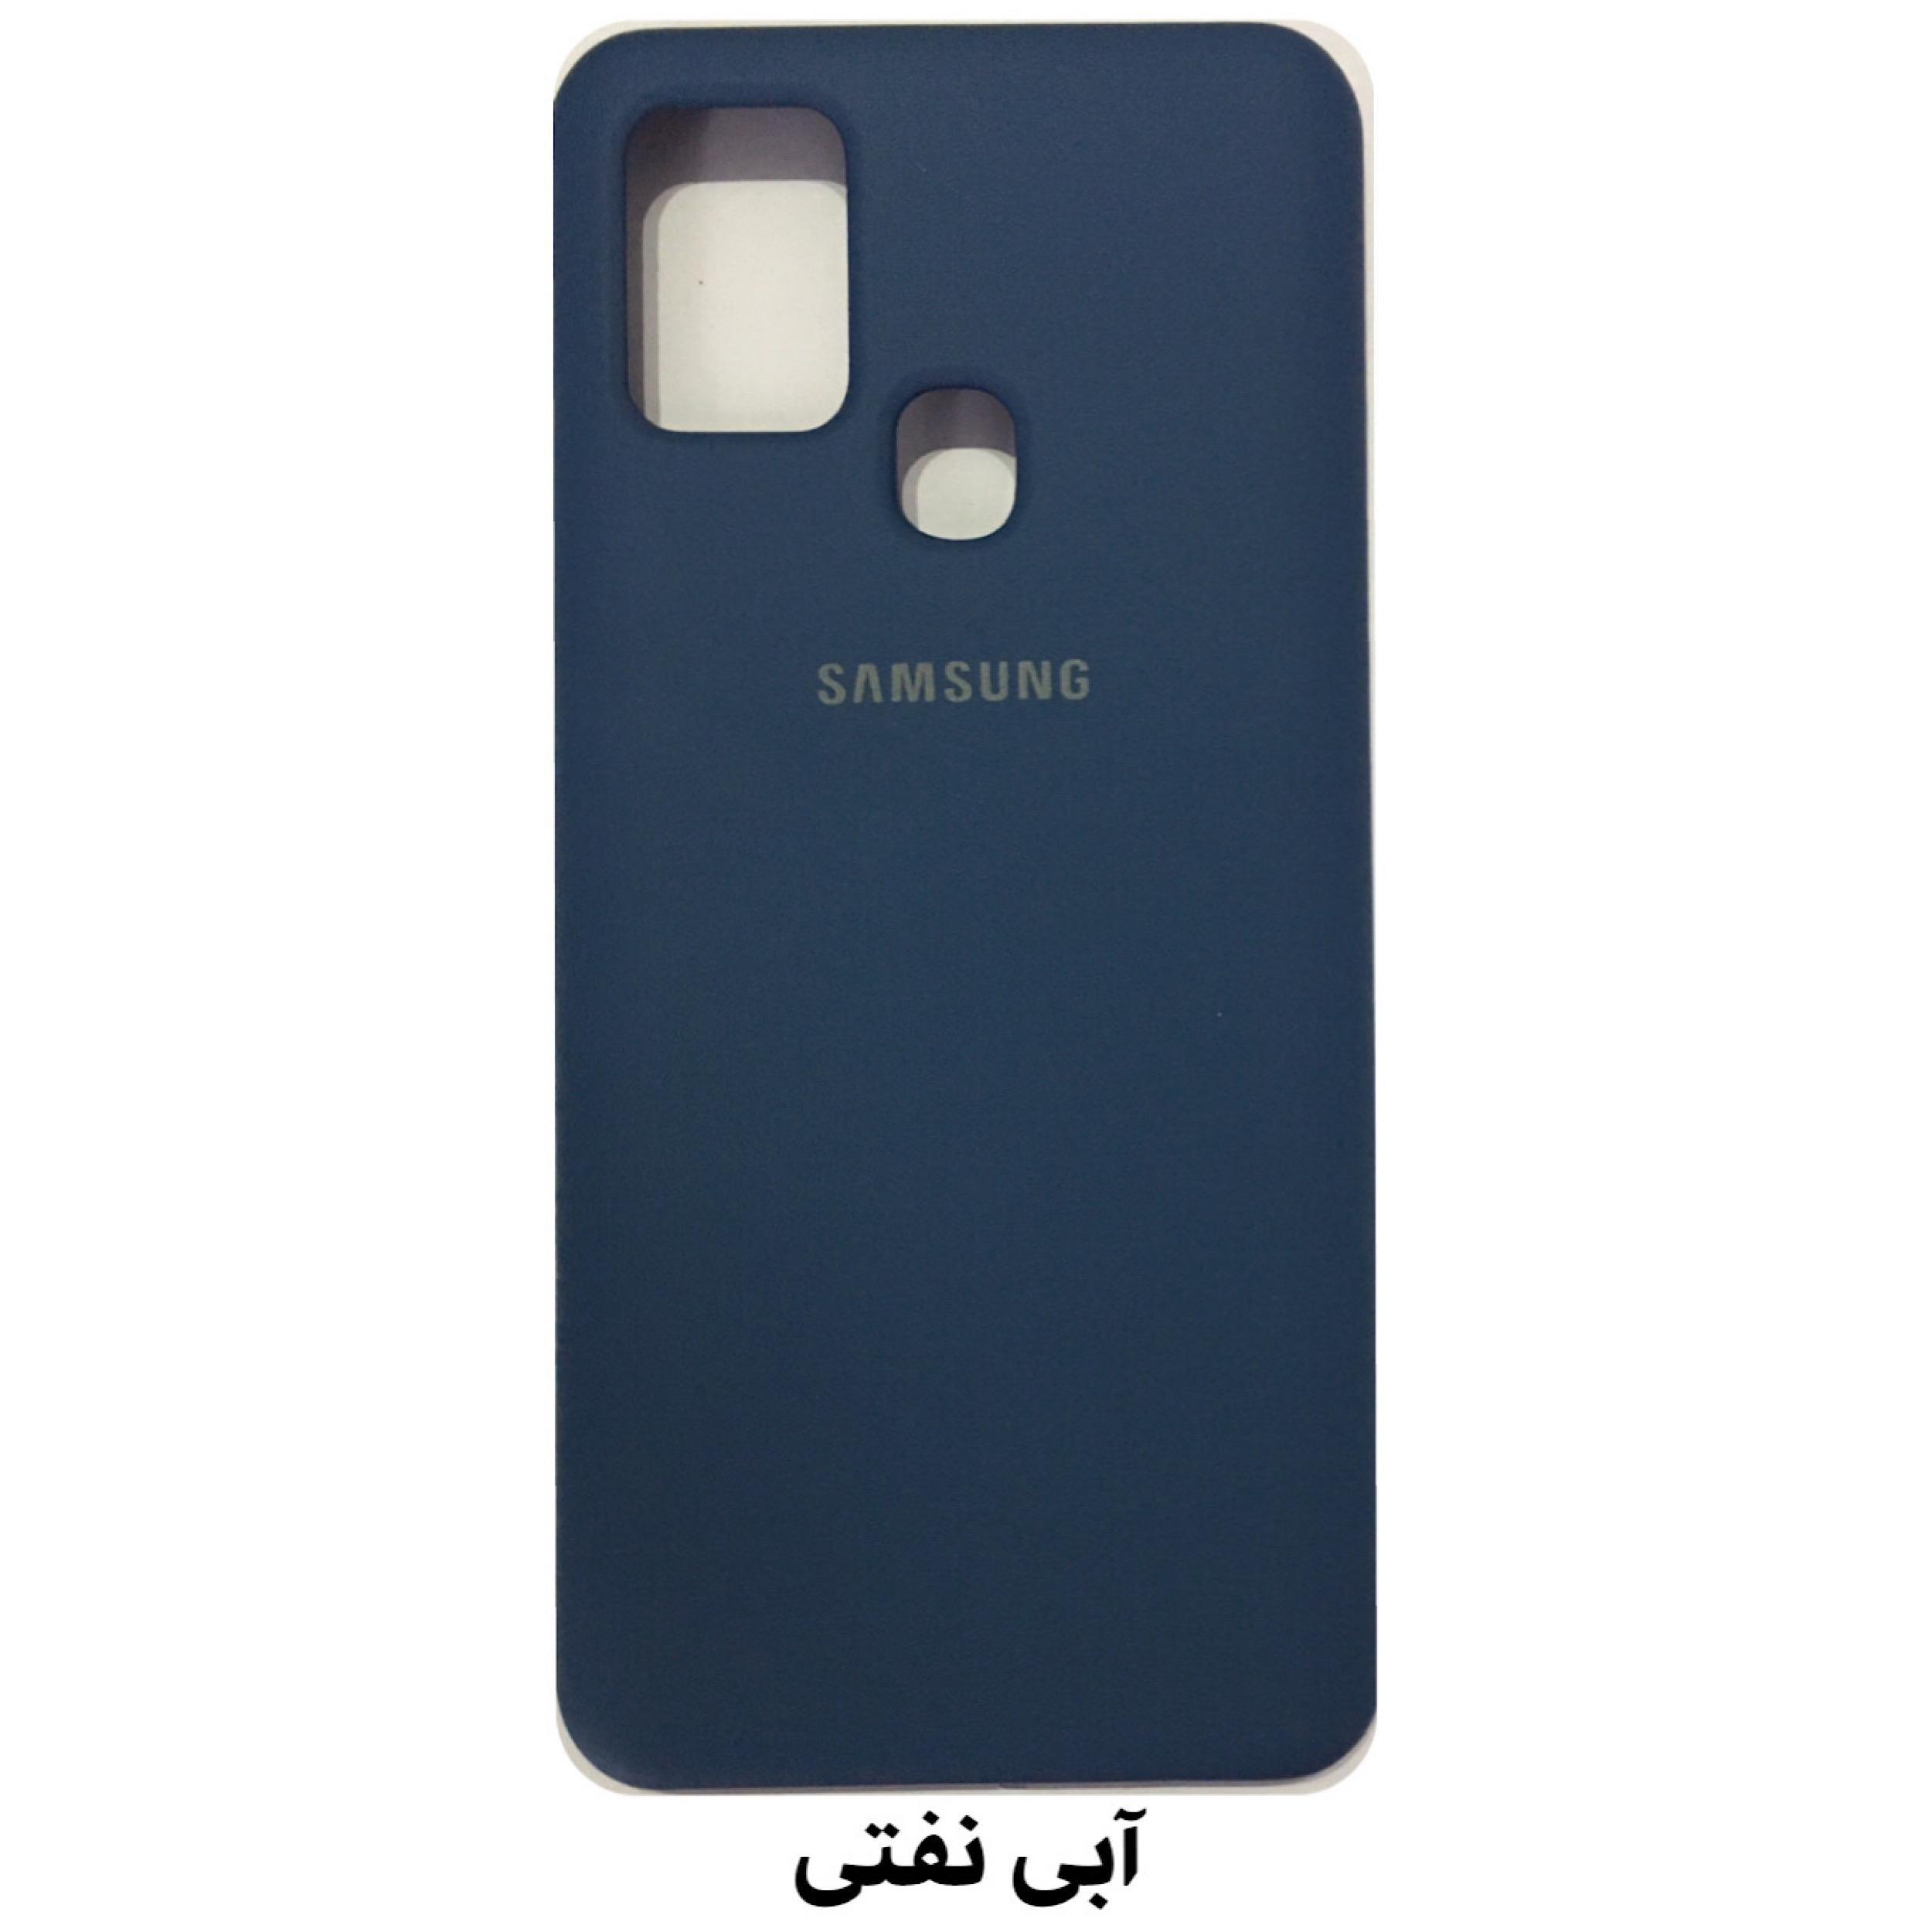 کاور مدل Sil-0021s مناسب برای گوشی موبایل سامسونگ Galaxy A21s main 1 5